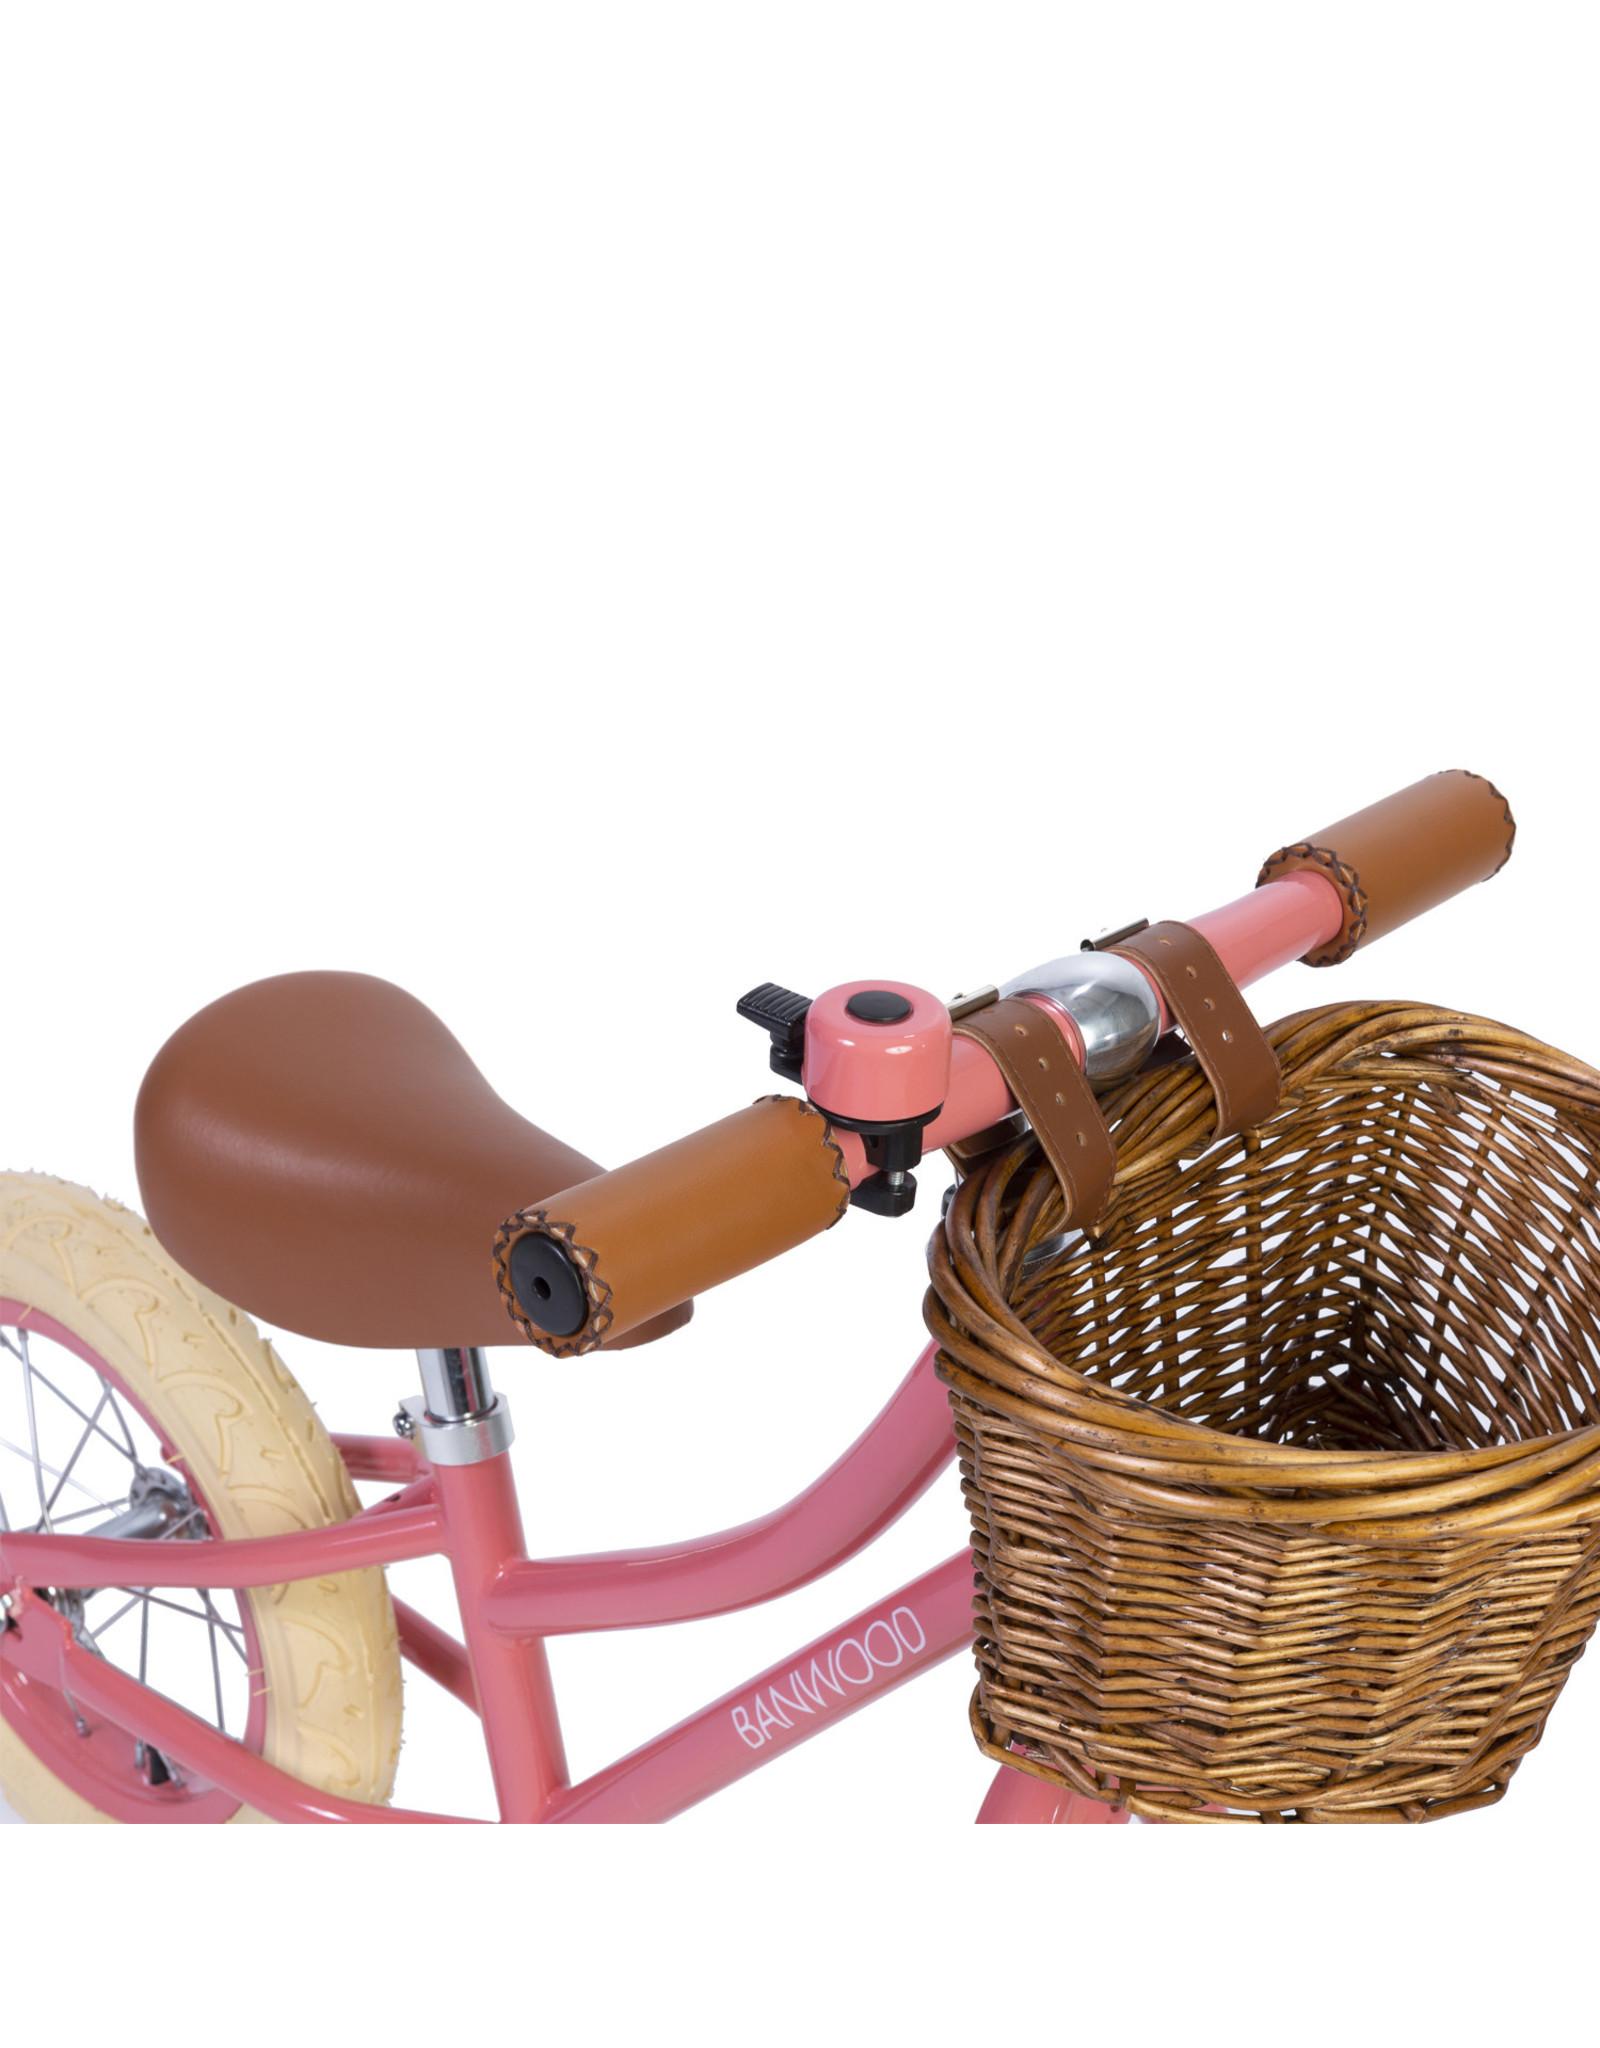 Banwood BANWOOD Coral Balance Bike